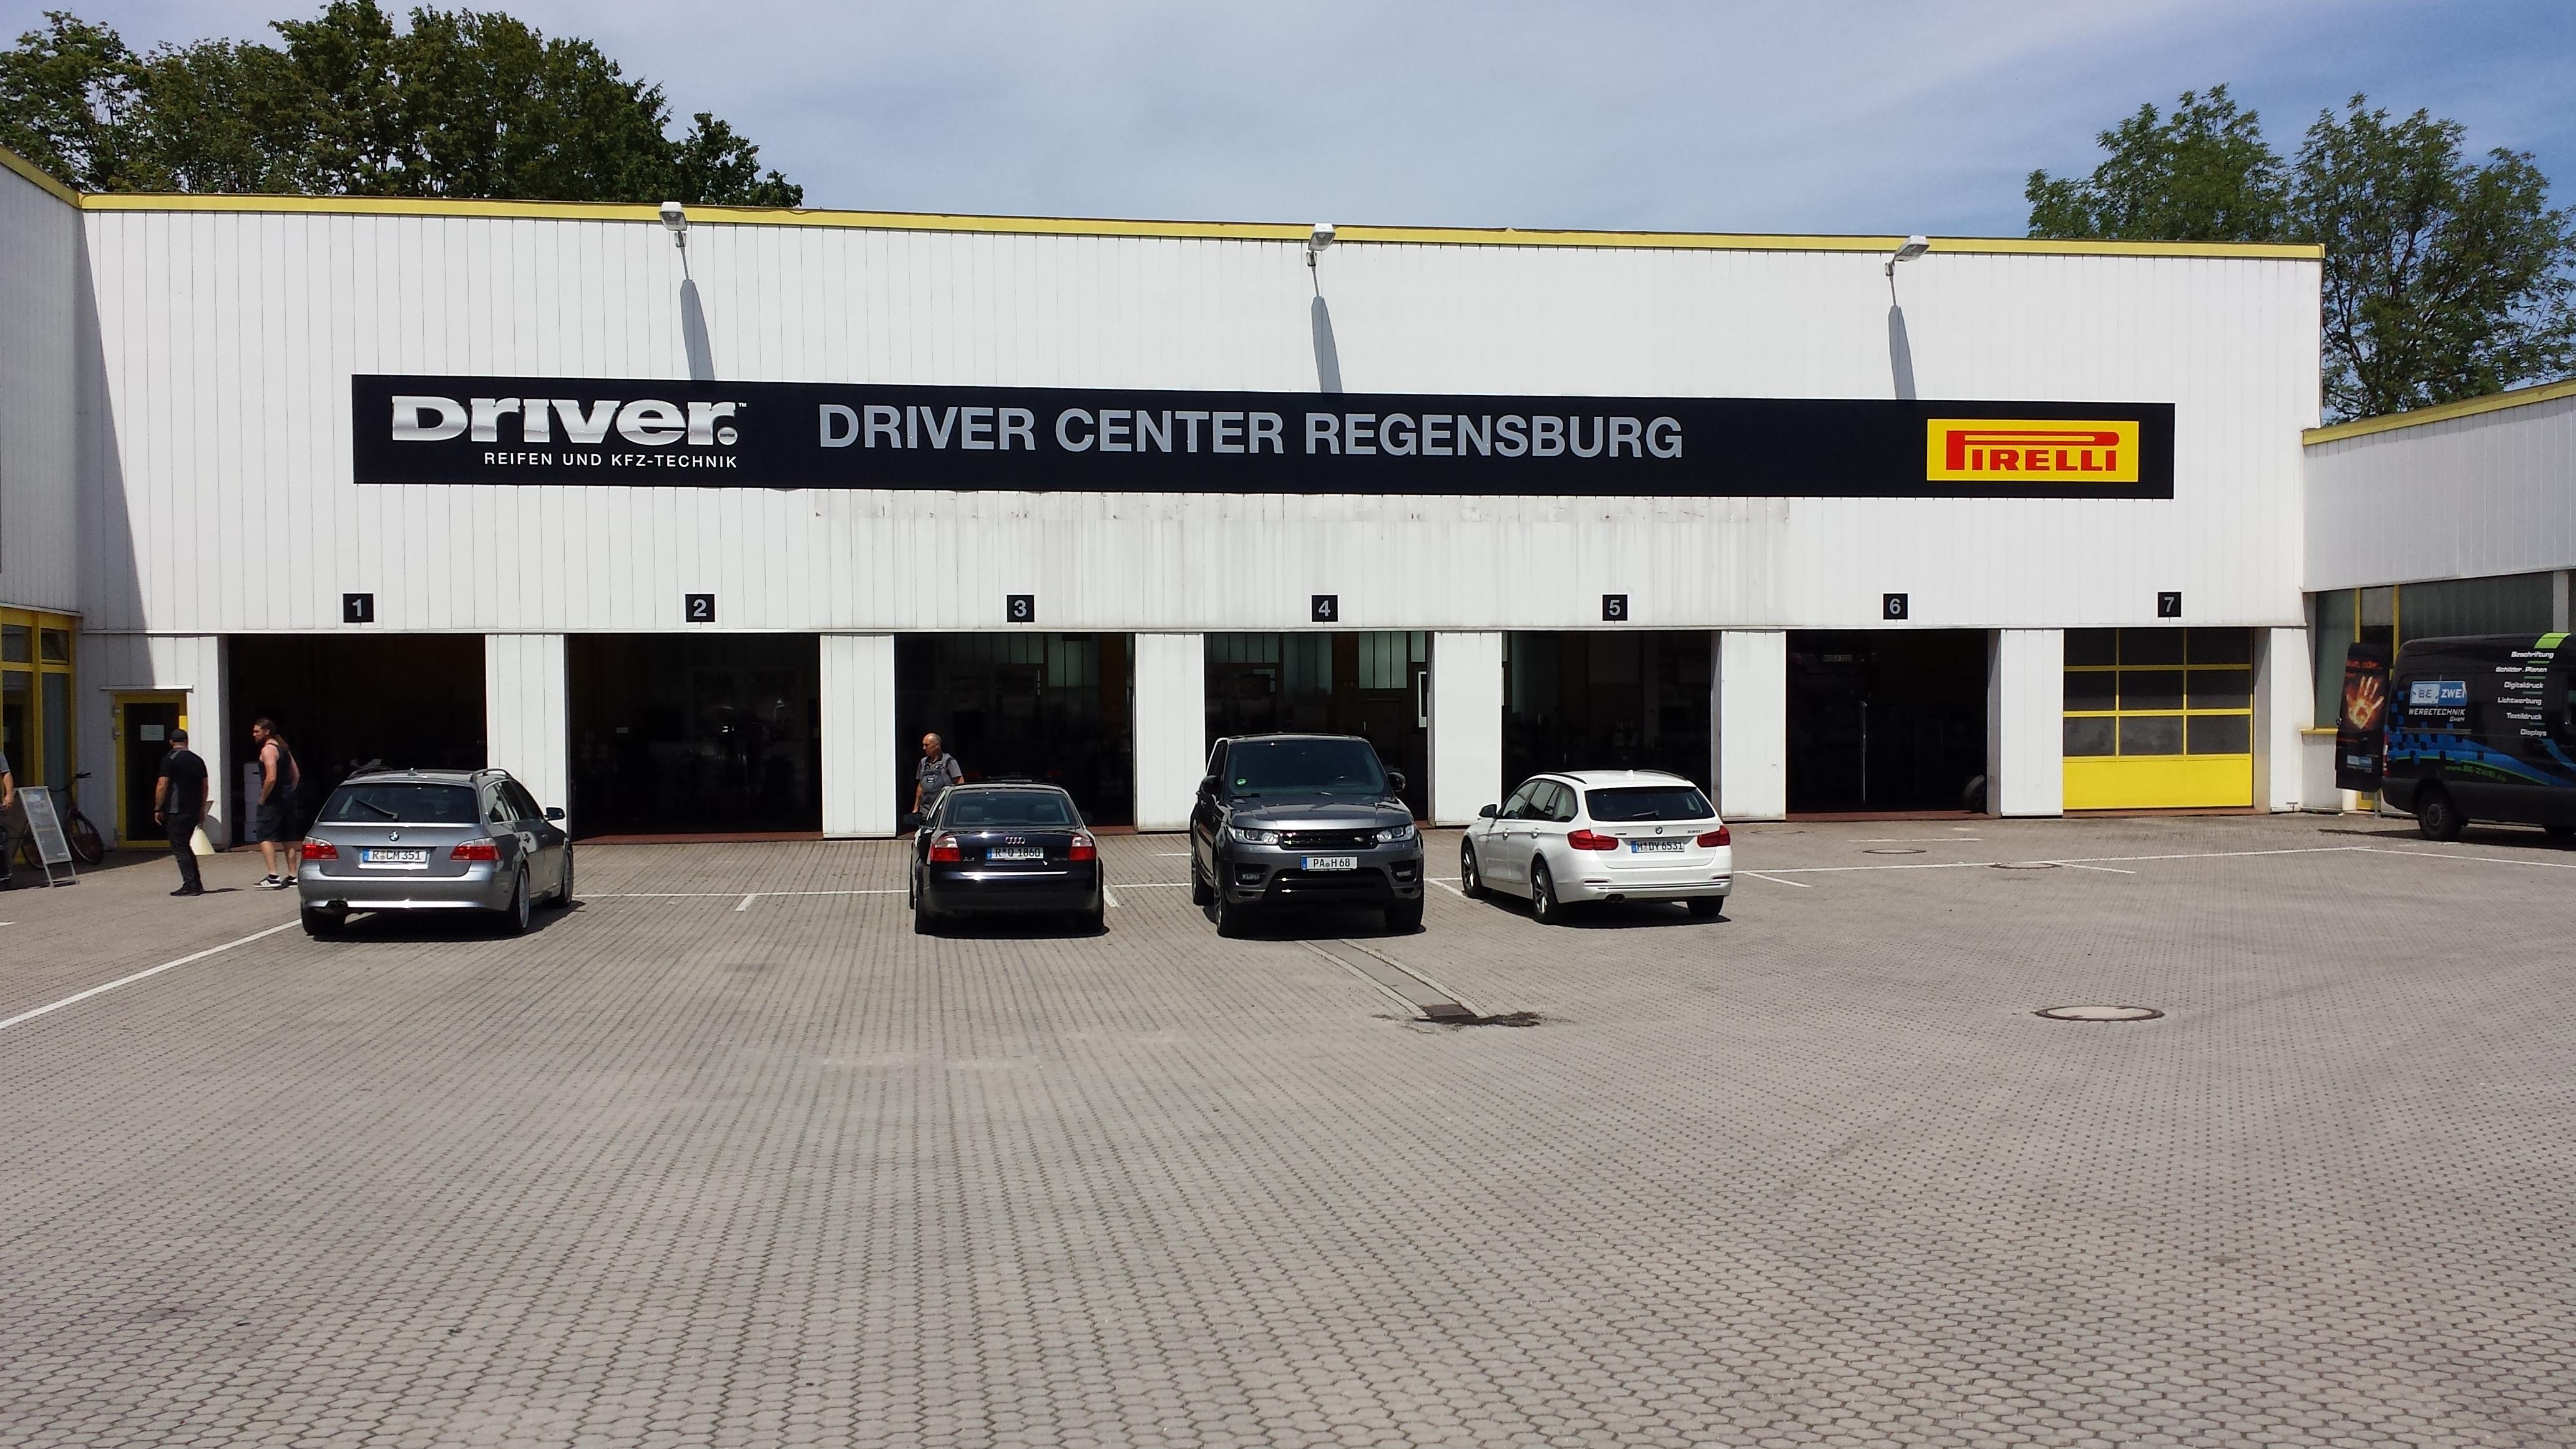 DRIVER CENTER REGENSBURG - DRIVER REIFEN UND KFZ-TECHNIK GMBH